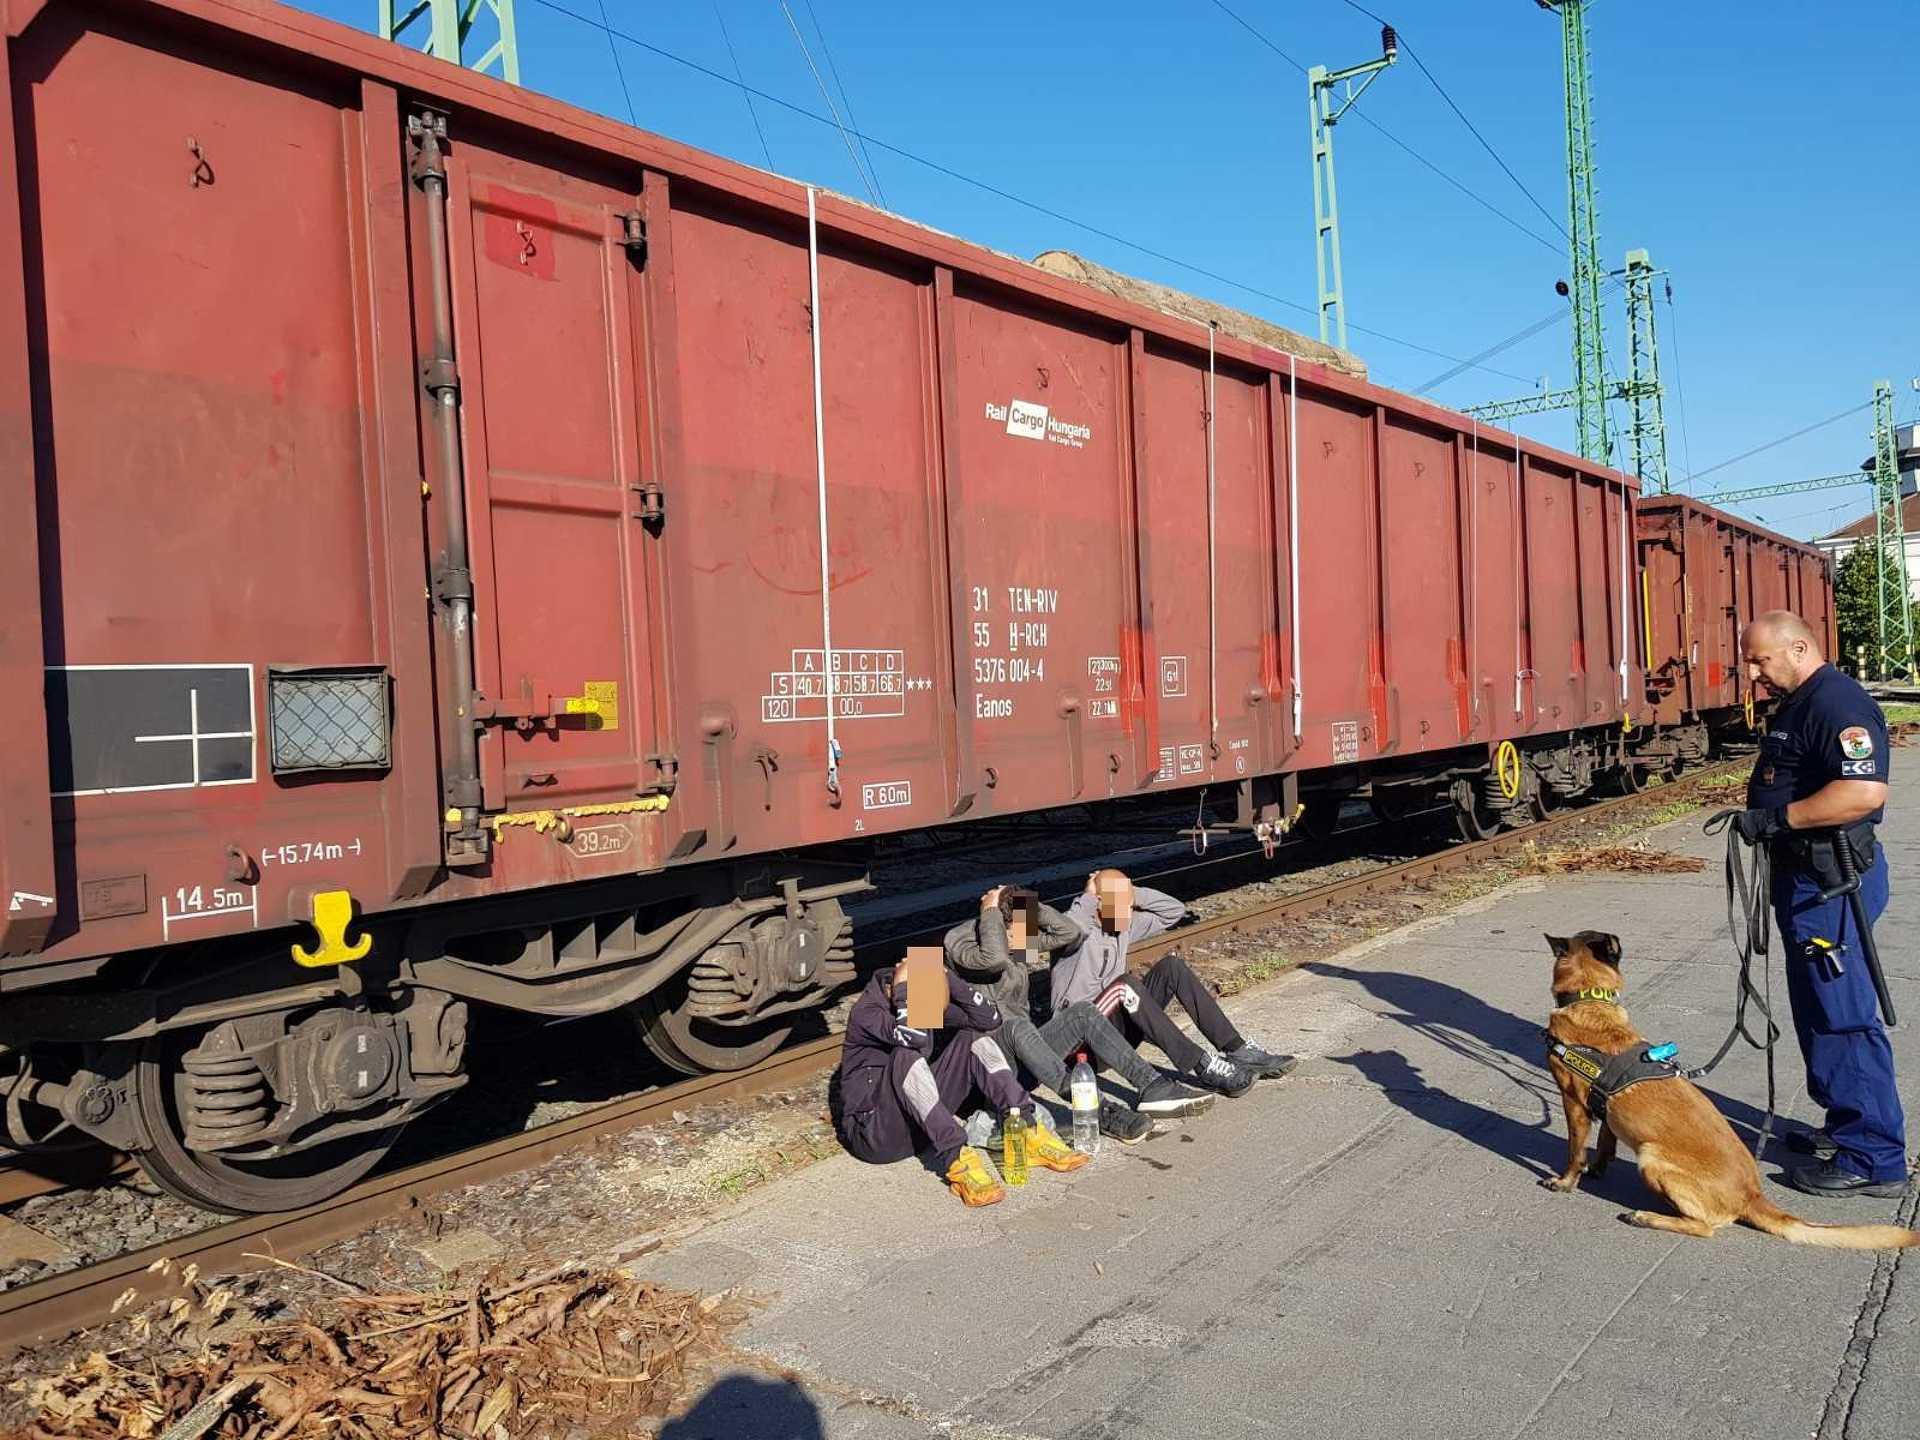 menekültek a vagonban